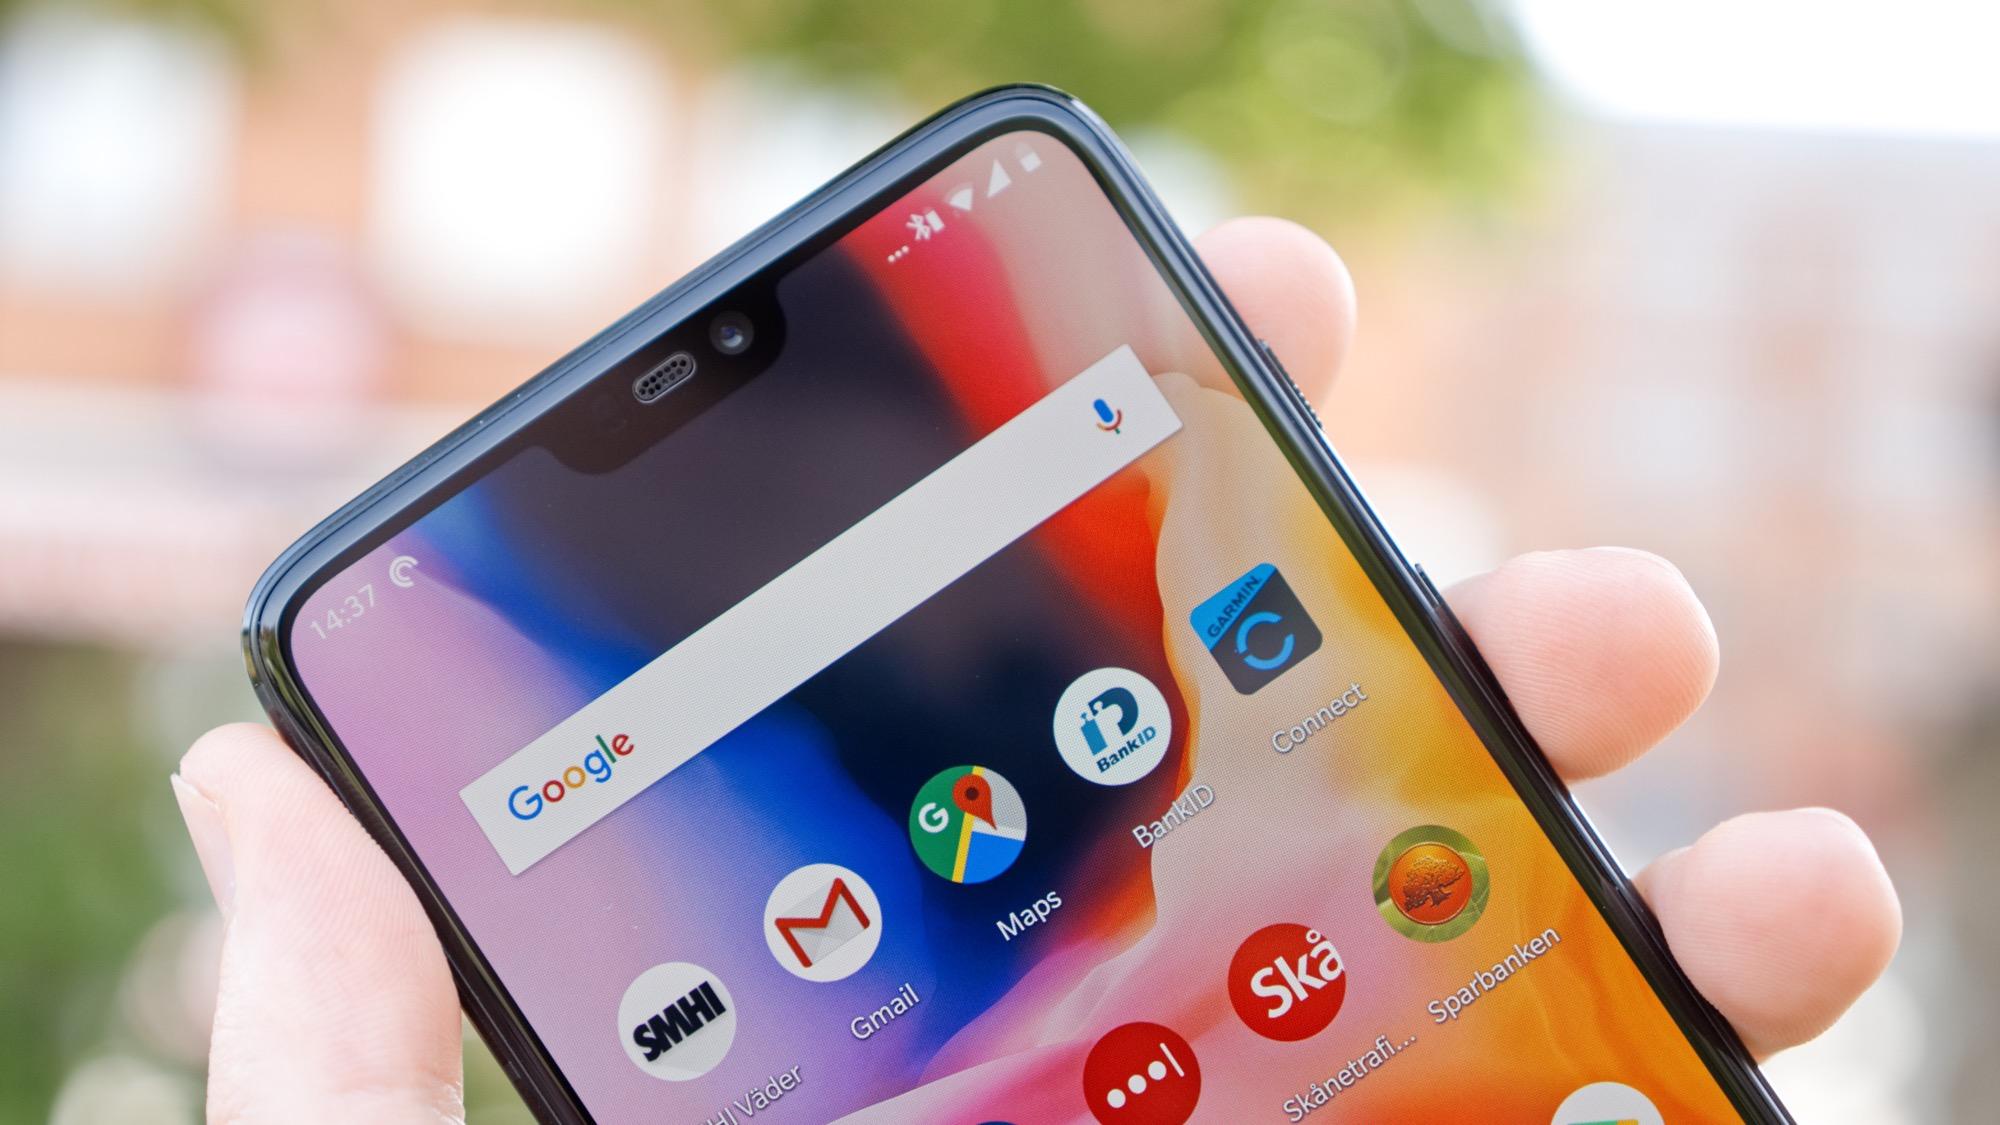 OnePlus har länge saknat en funktion som flera dyrare konkurrenter har  kunnat skryta med  vattentäthet. Med sin nya modell säger OnePlus att de  har löst det ... 0d0c9d91d6064